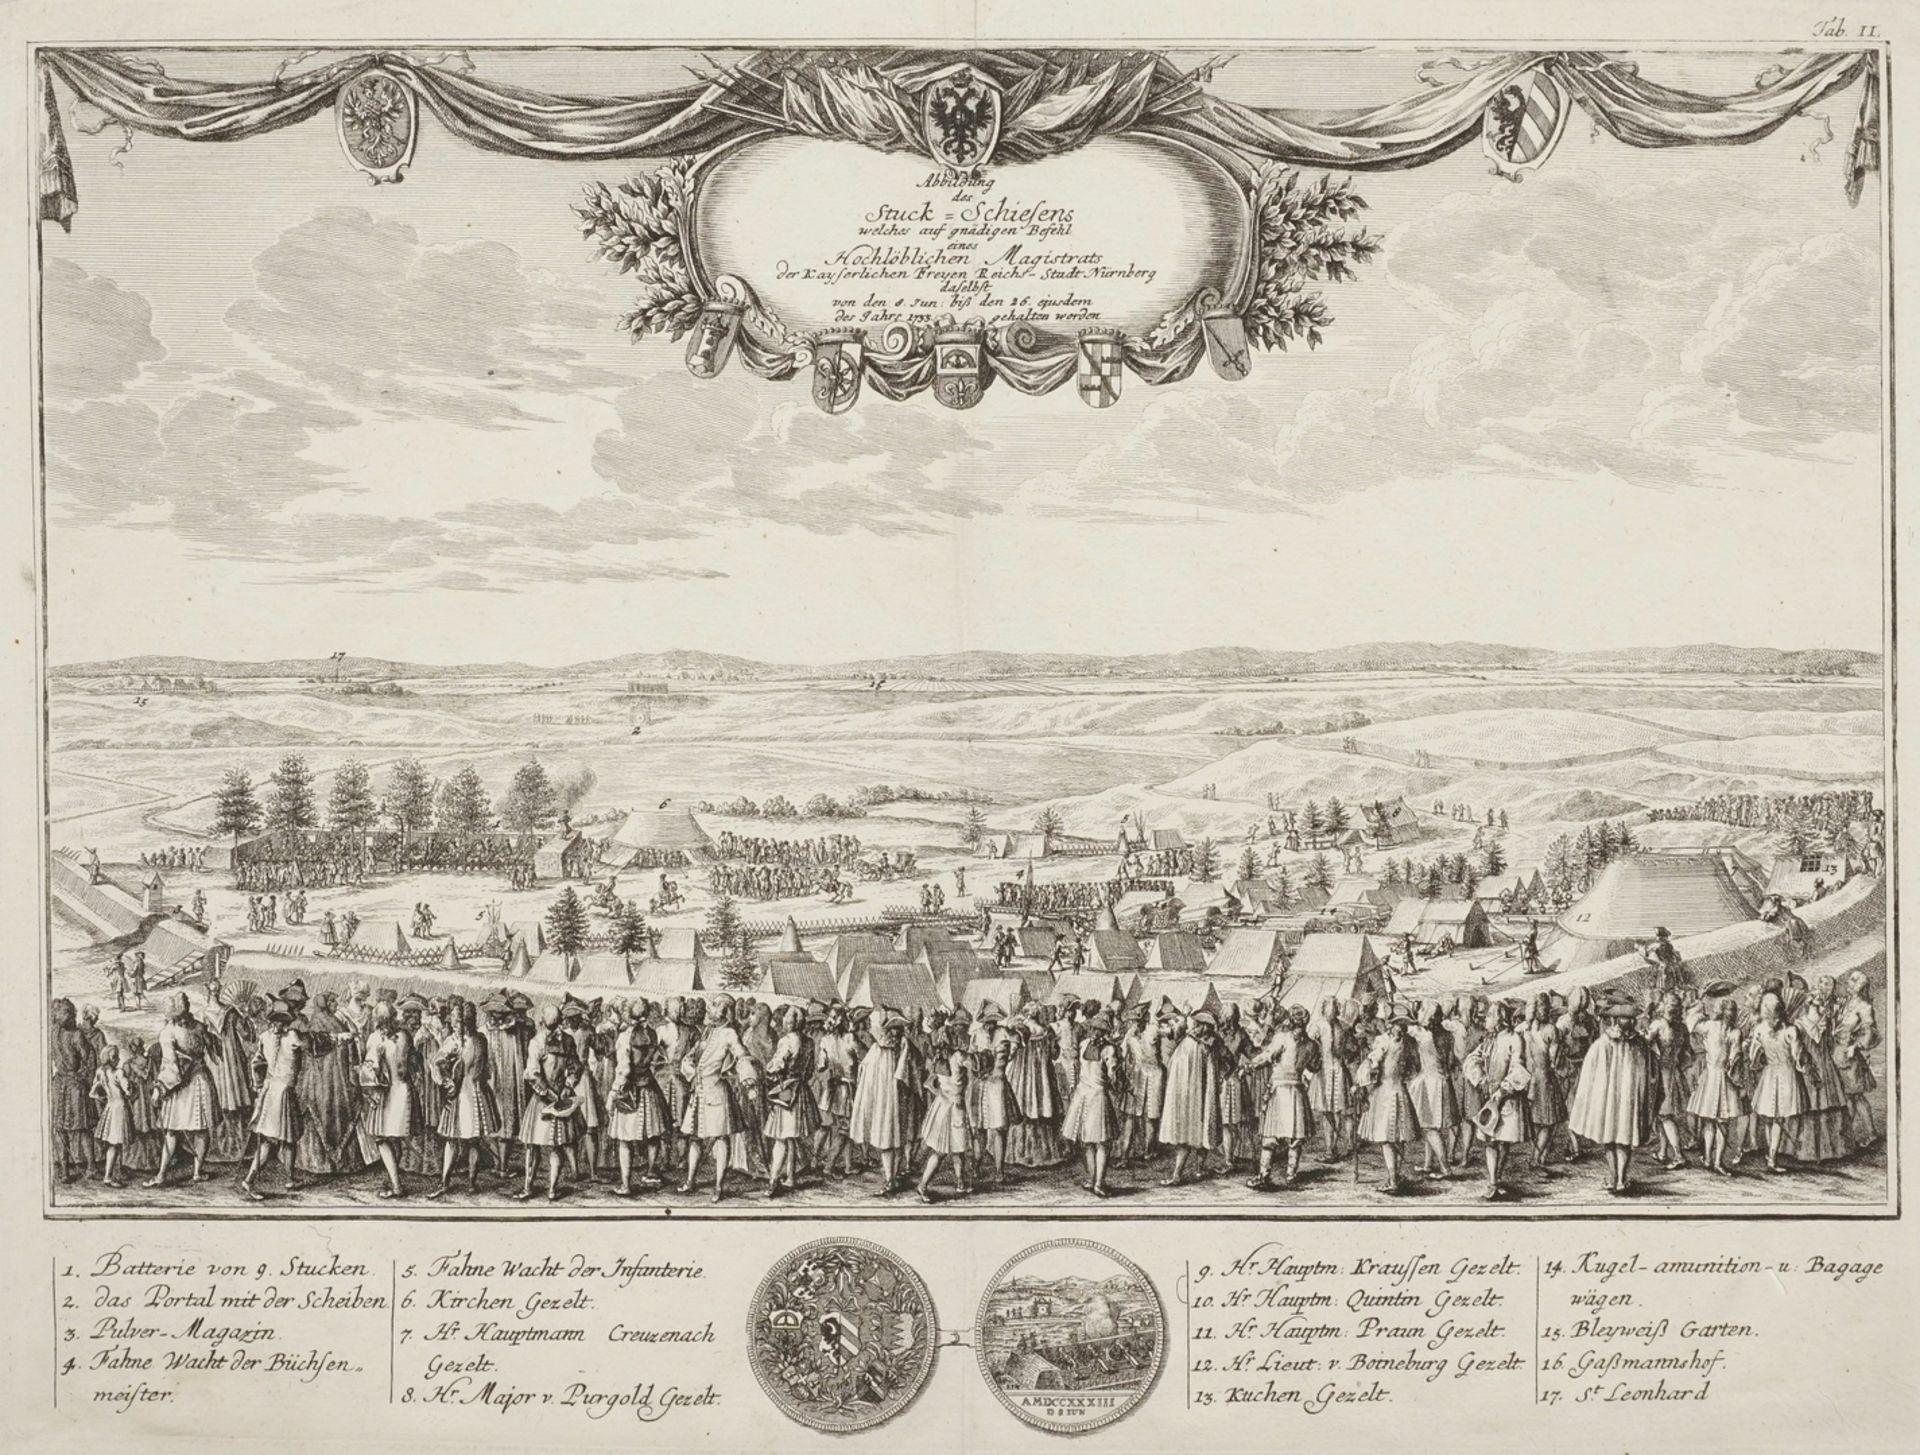 """Johann Christoph Weigel, """"Abbildung des Stuck-Schiesens welches auf gnädigen Befehl eines ..."""